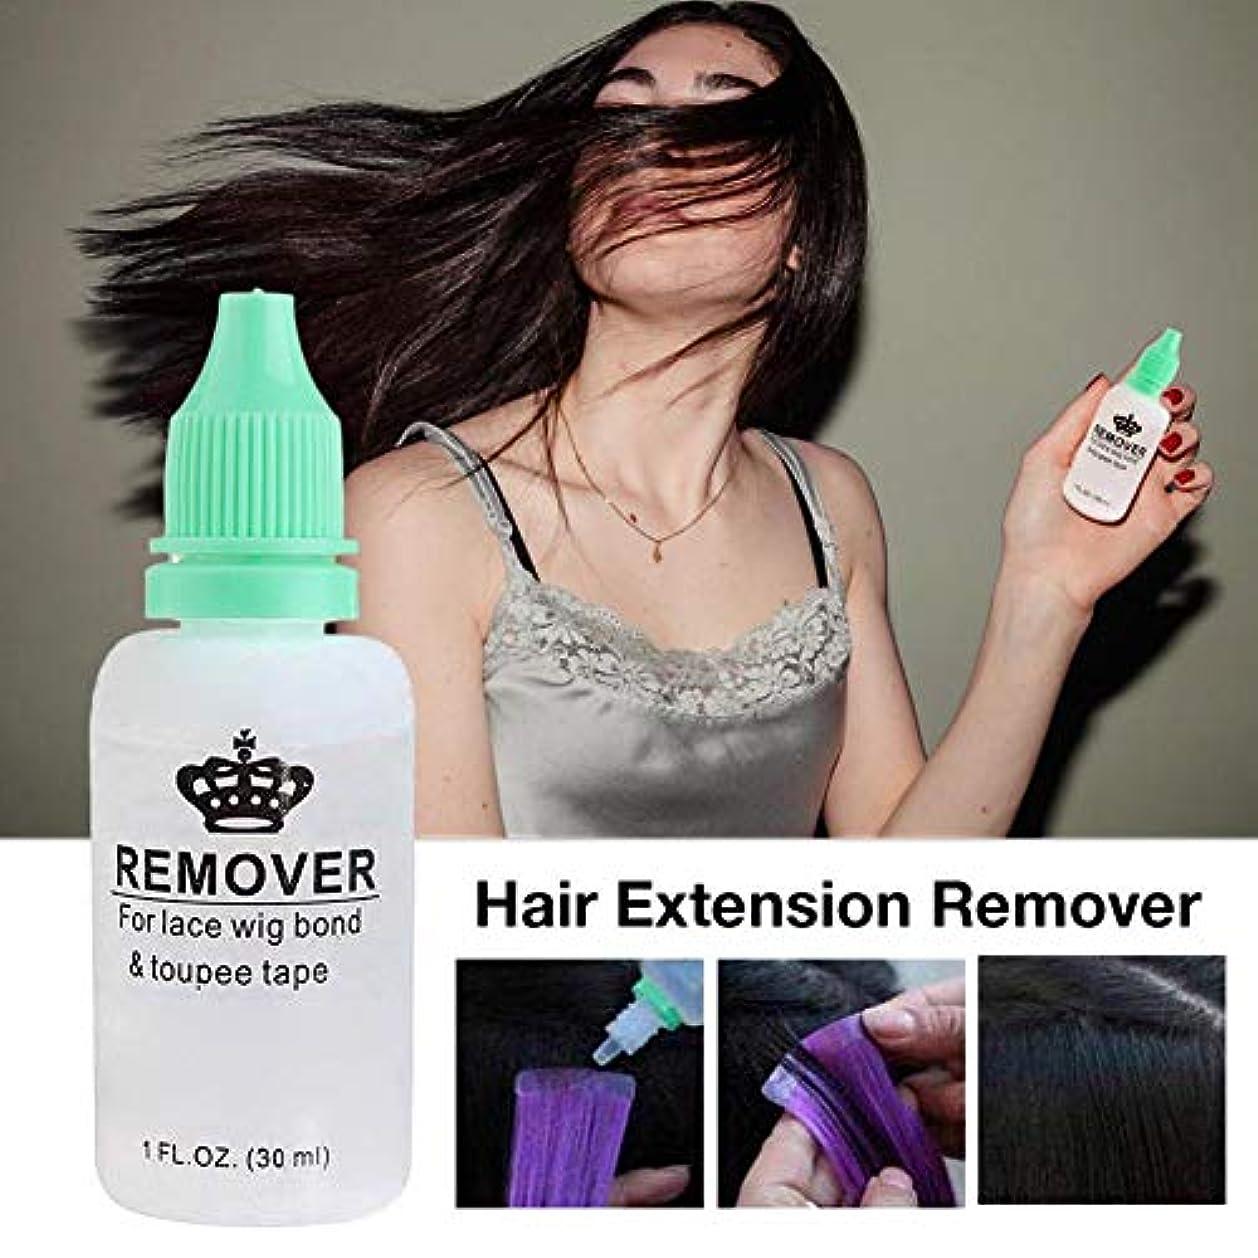 かもしれない主権者土毛のりの除去剤、レースのかつらのToupeeの皮のよこ糸のテープのための極度の毛の付着力の除去剤の接着剤の除去剤のびん